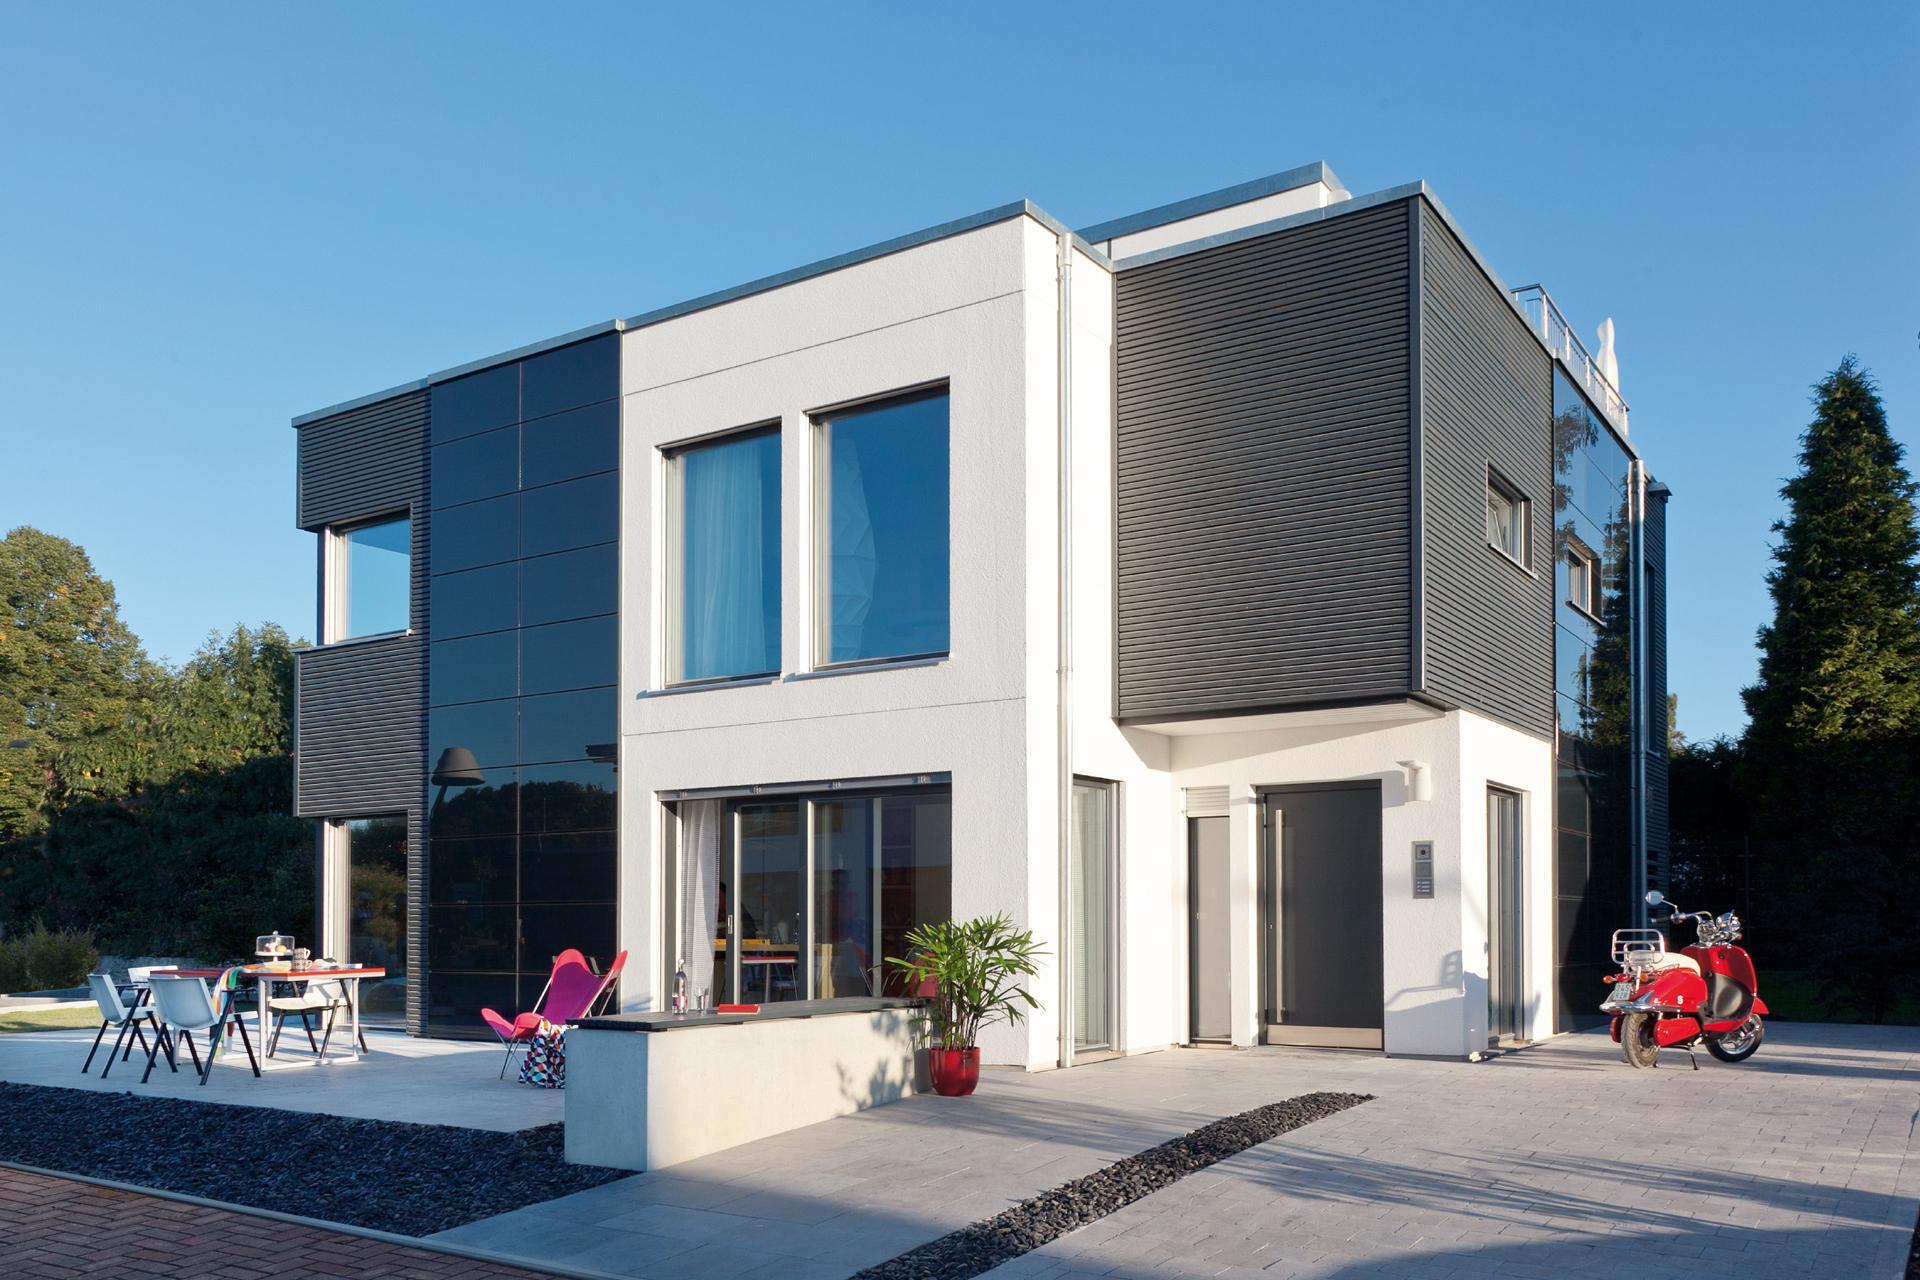 schw rer musterhaus in wuppertal schw rerhaus. Black Bedroom Furniture Sets. Home Design Ideas